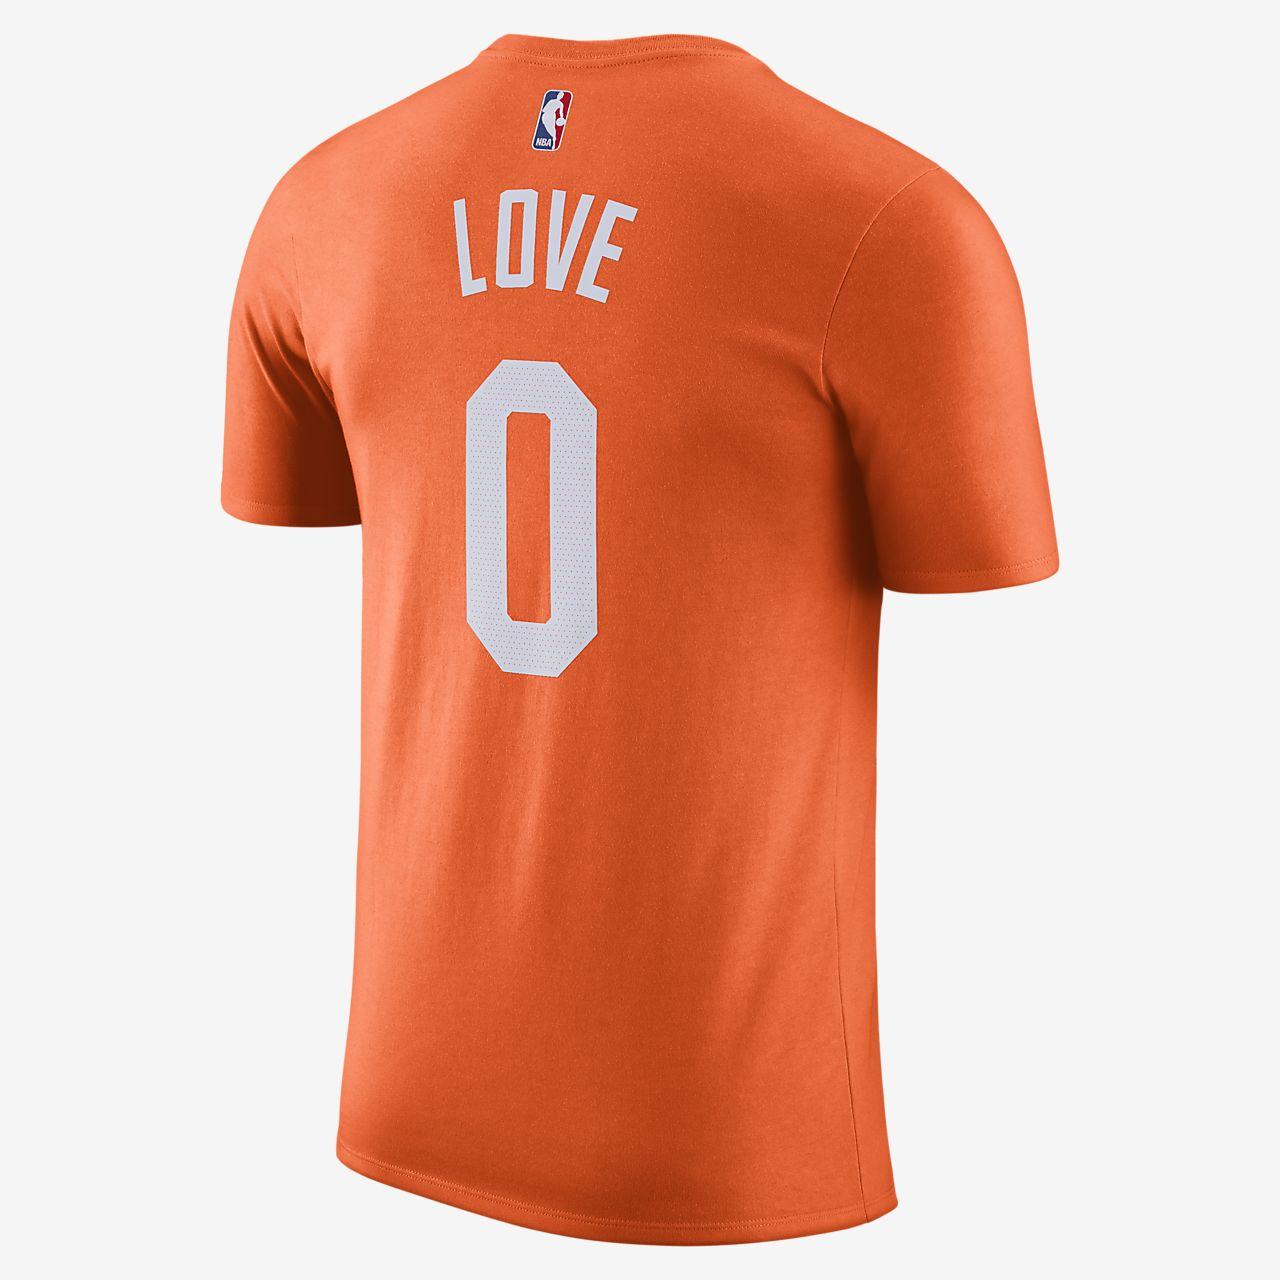 de1ceb946d6d ... Kevin Love Cleveland Cavaliers City Edition Nike Dri-FIT Men s NBA  T-Shirt